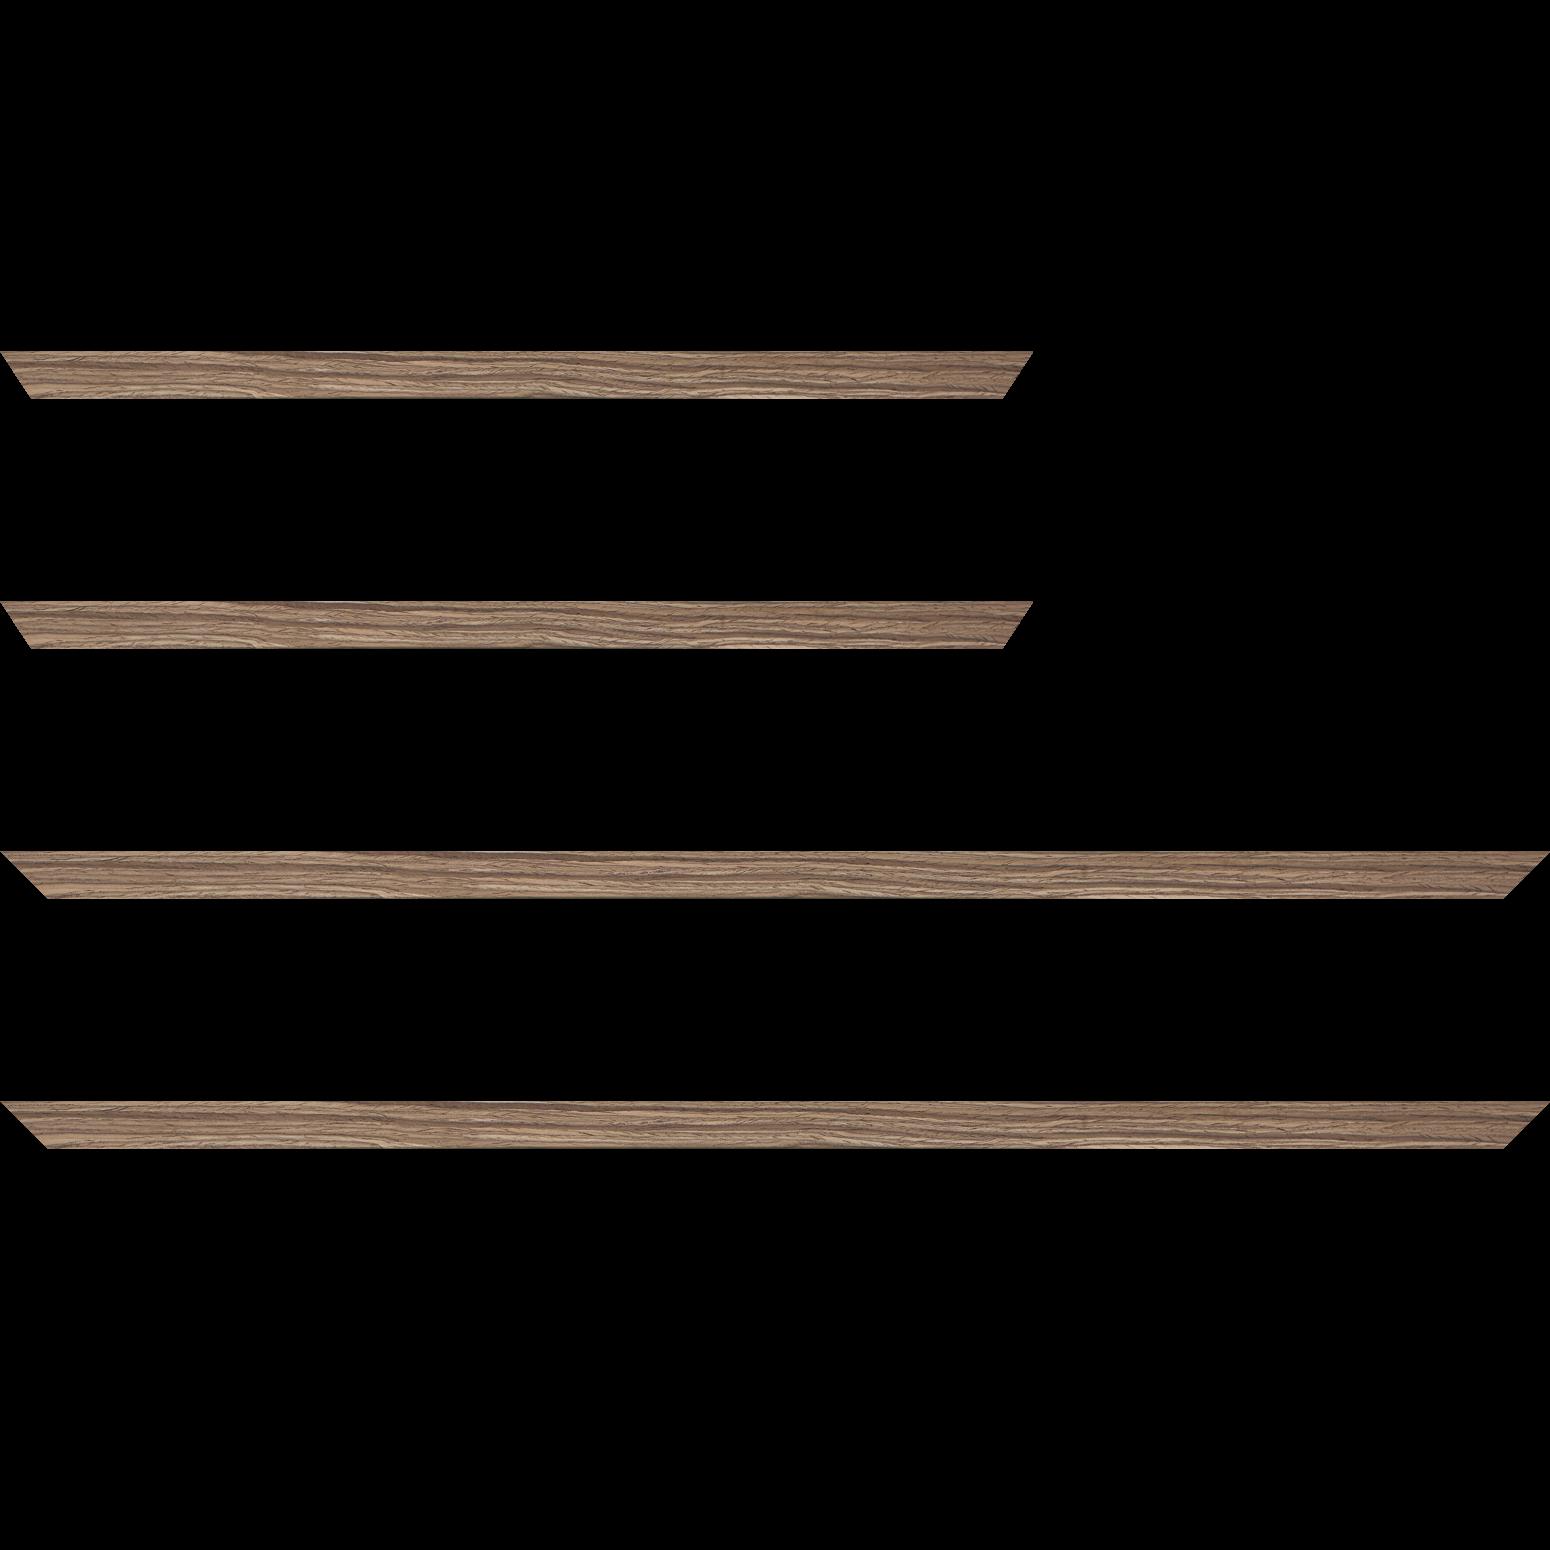 Baguette service précoupé Bois profil plat largeur 1.5cm plaquage noyer haut de gamme